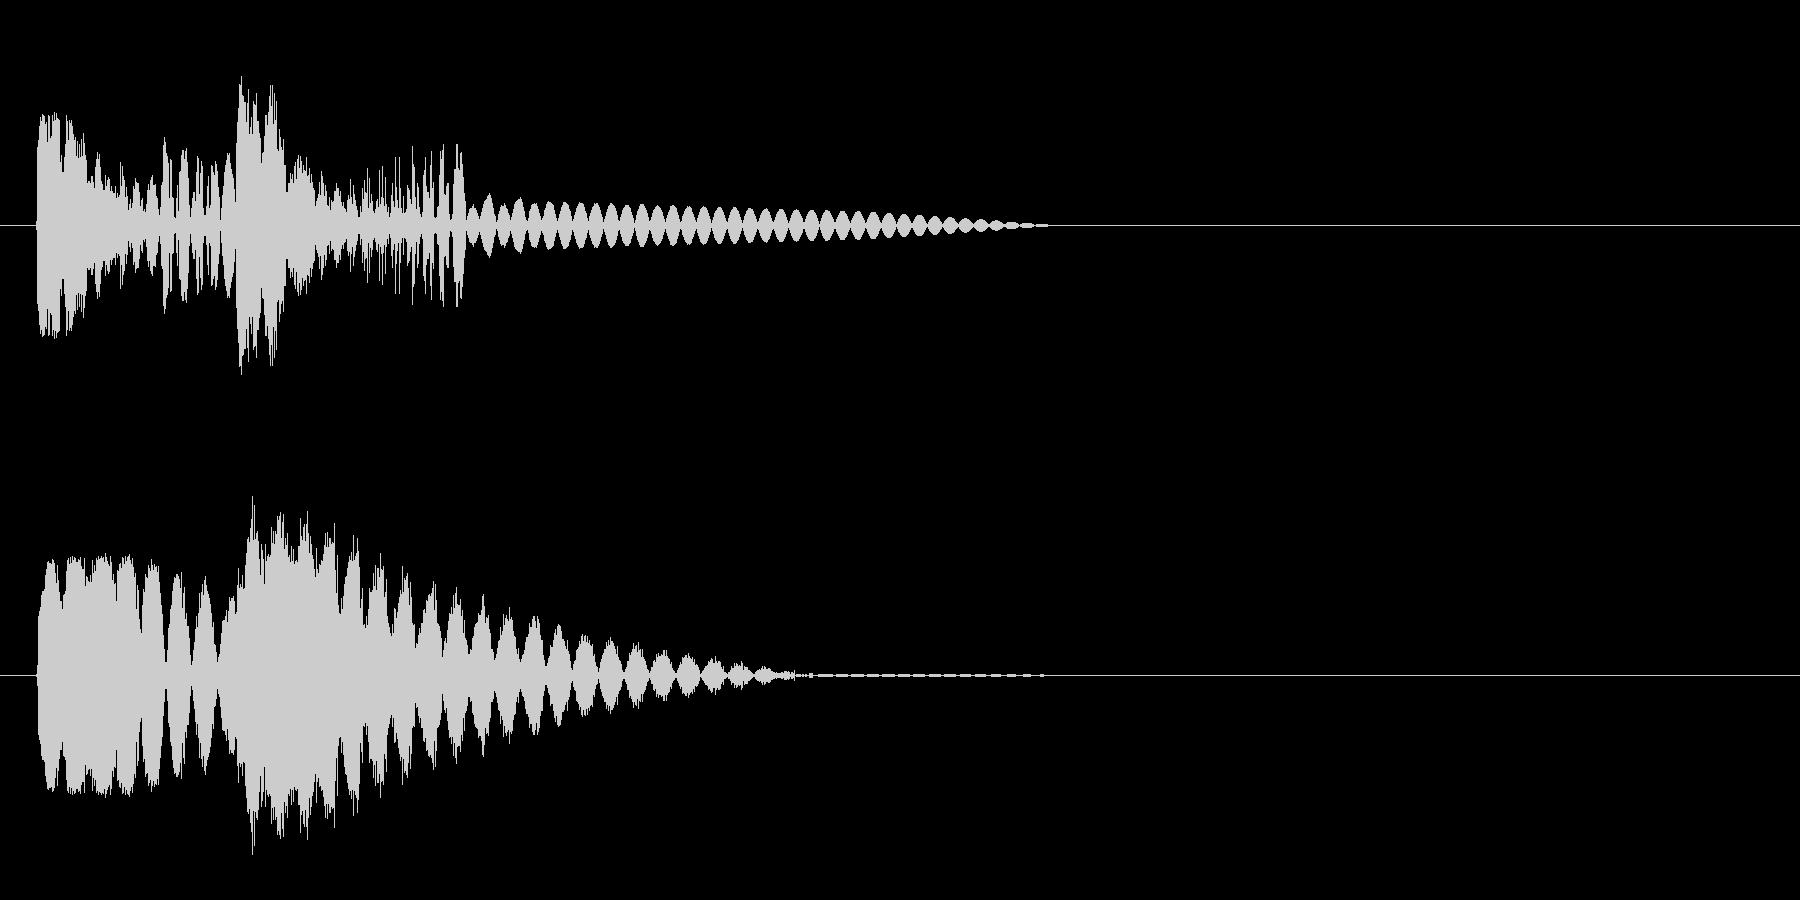 ピュピュン 射撃音4 レーザー銃などの未再生の波形